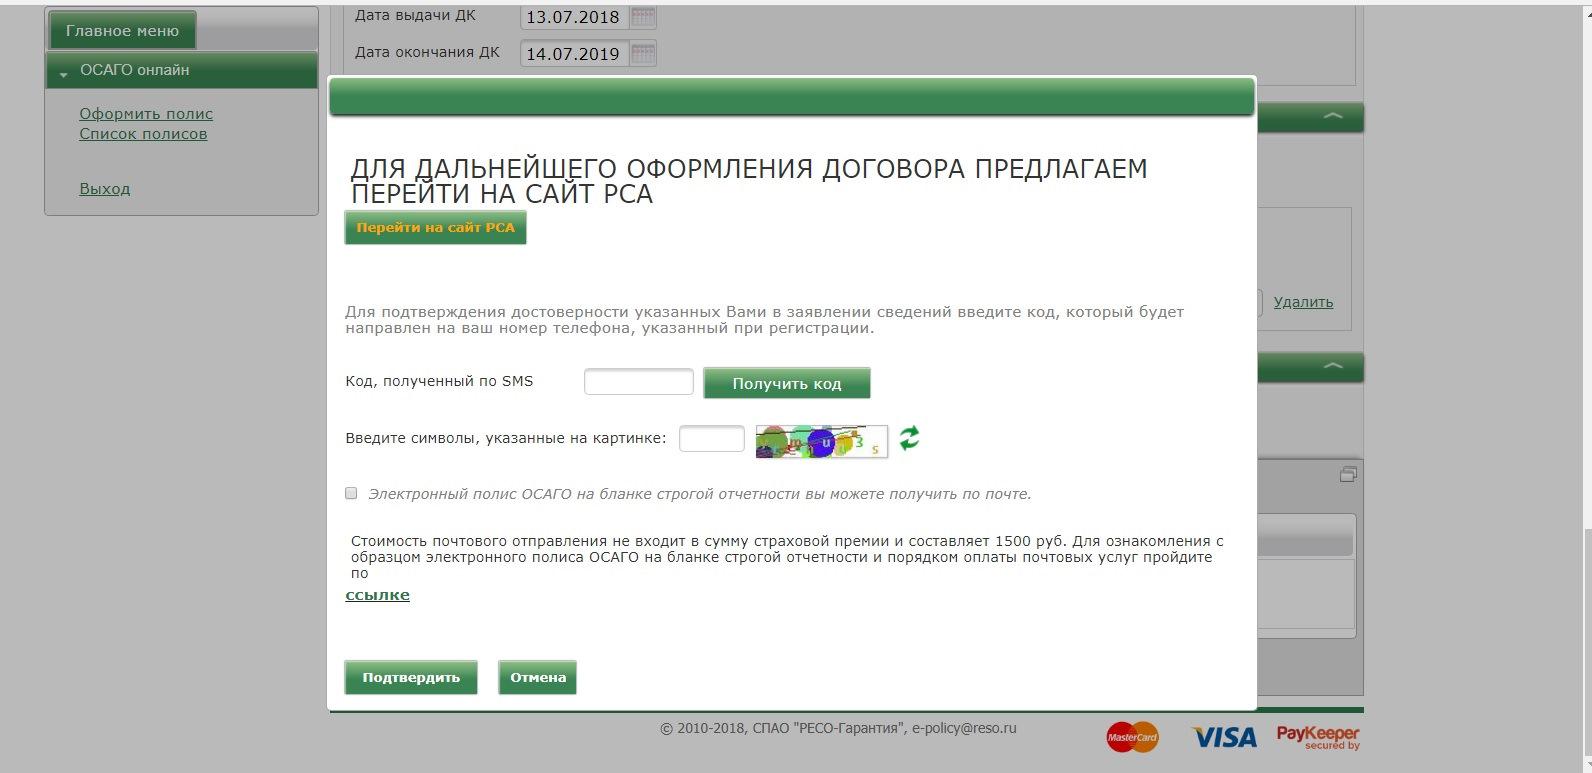 займы без банка онлайн без отказа